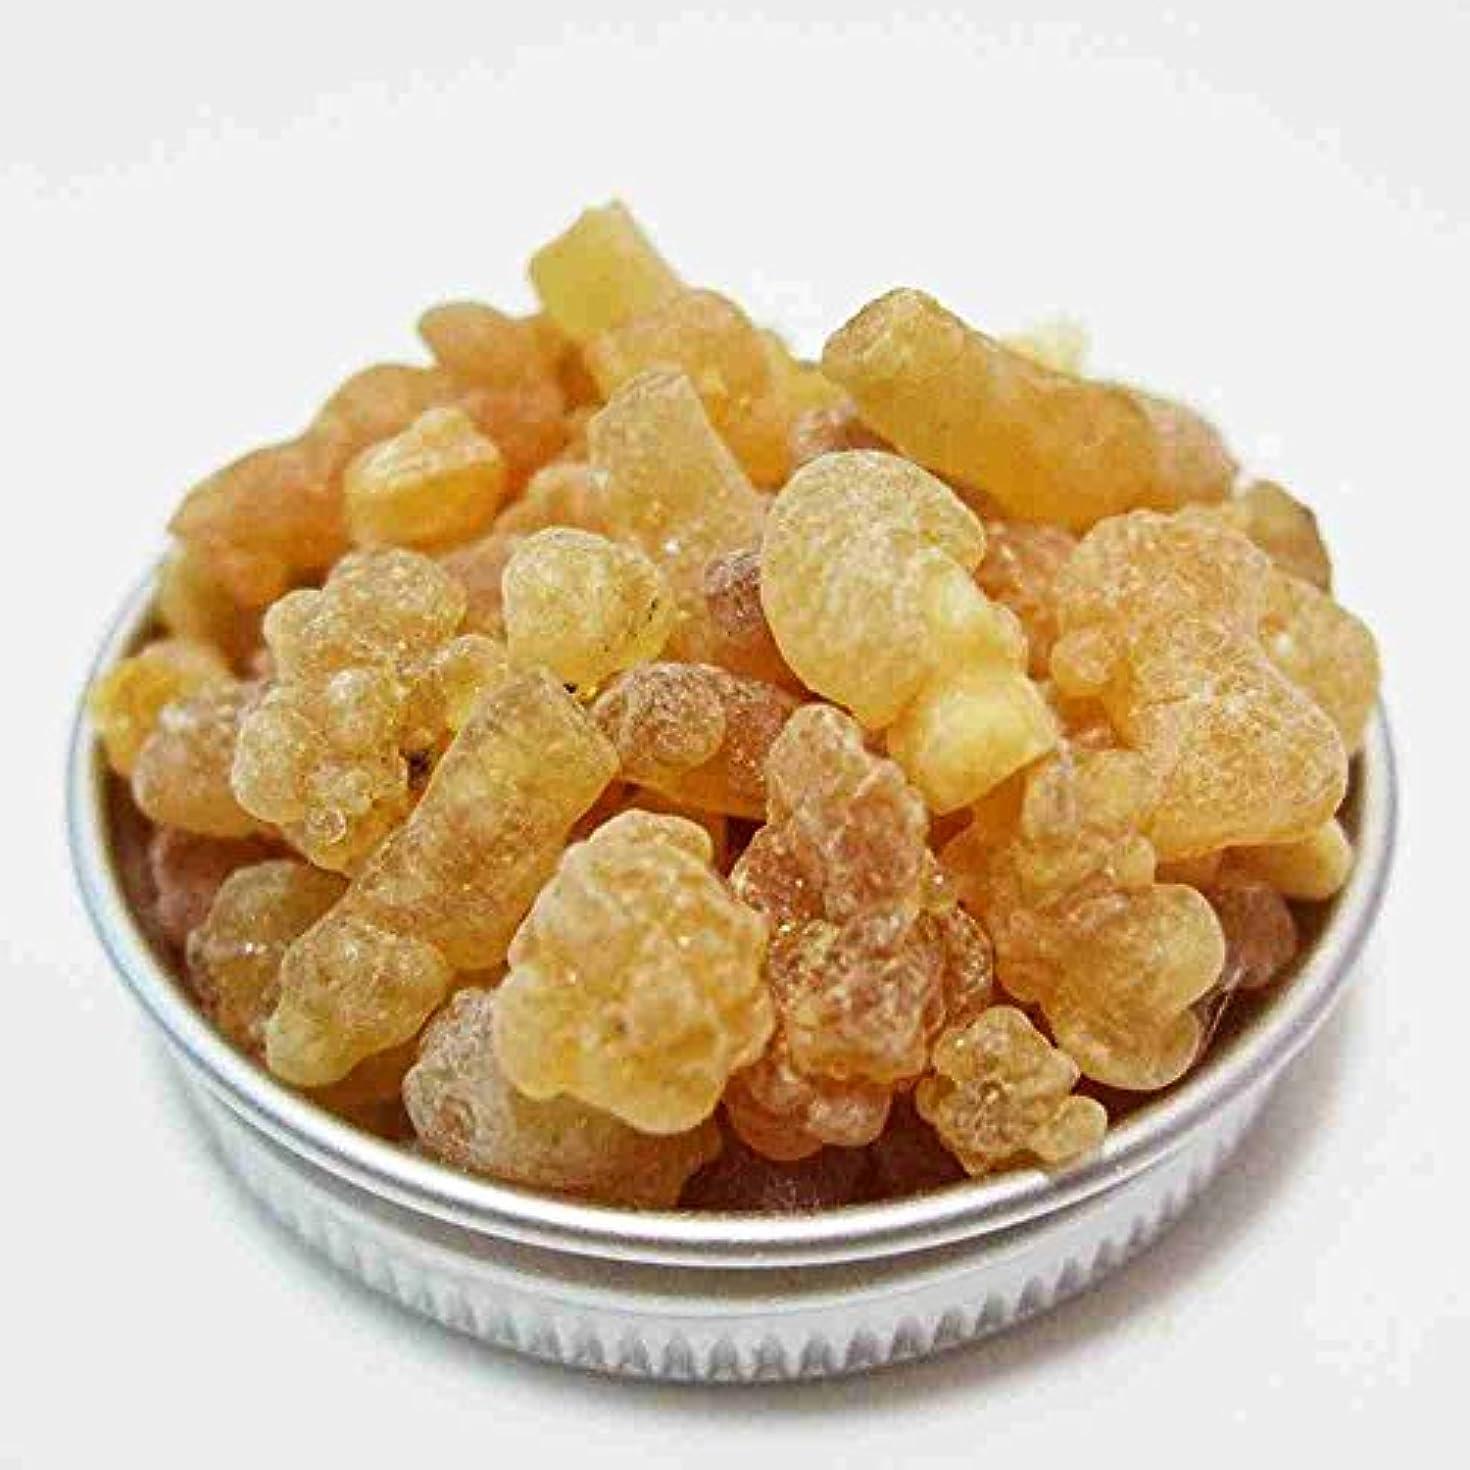 思春期の車両クロスフランキンセンス Frsnkincense (乳香) 天然樹脂香 フランキンセンス(乳香), 1 Ounce (28 g)